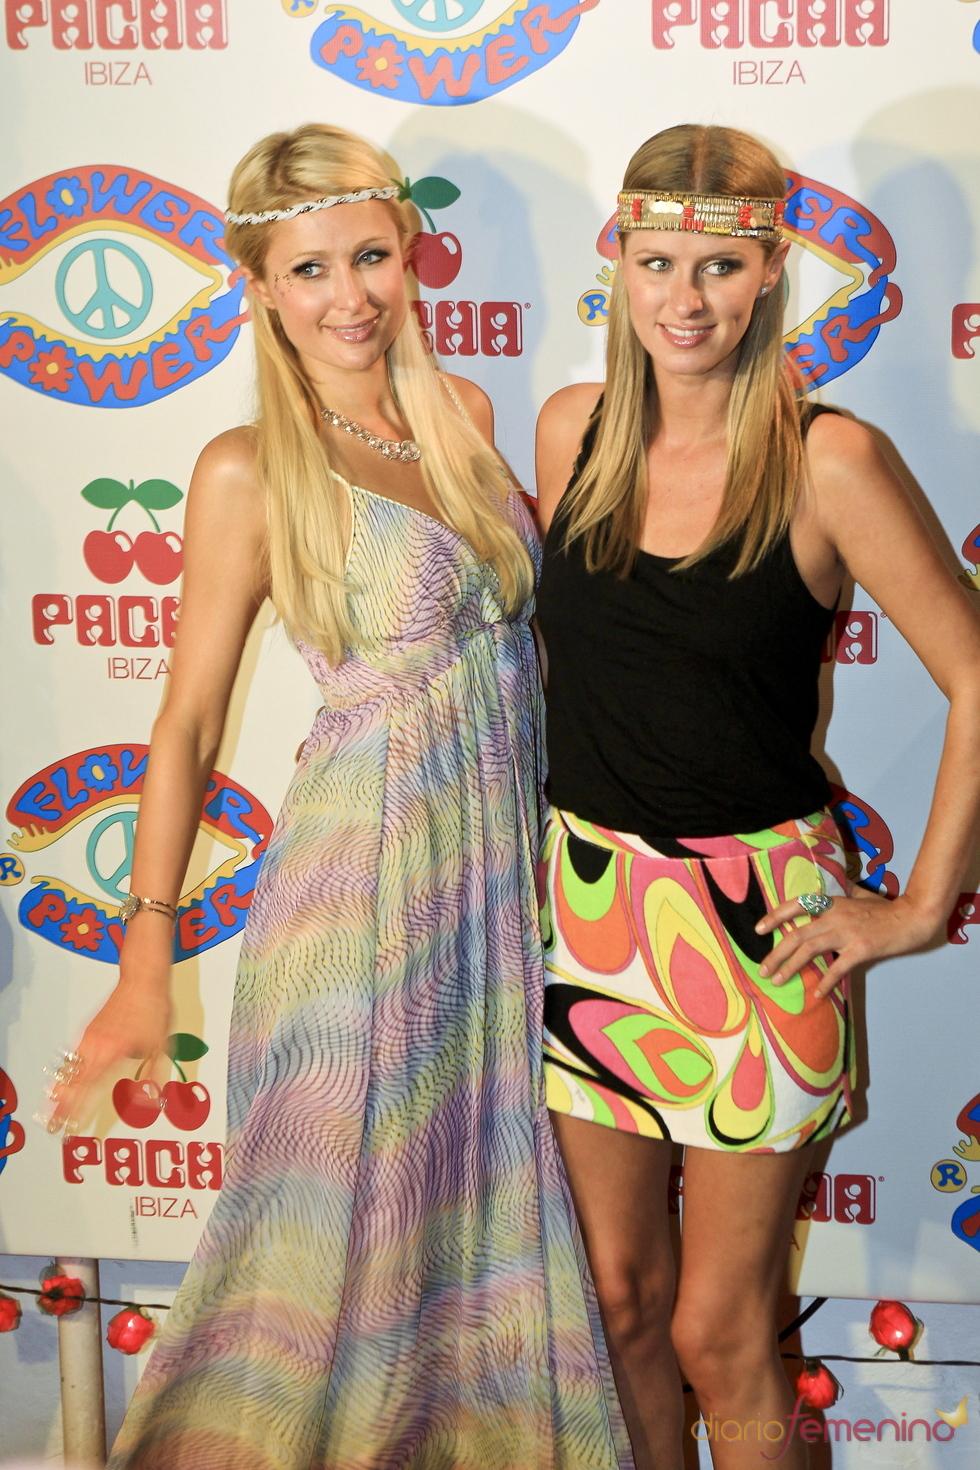 Paris y Nicky Hilton en la fiesta Flower Power en Ibiza 2011